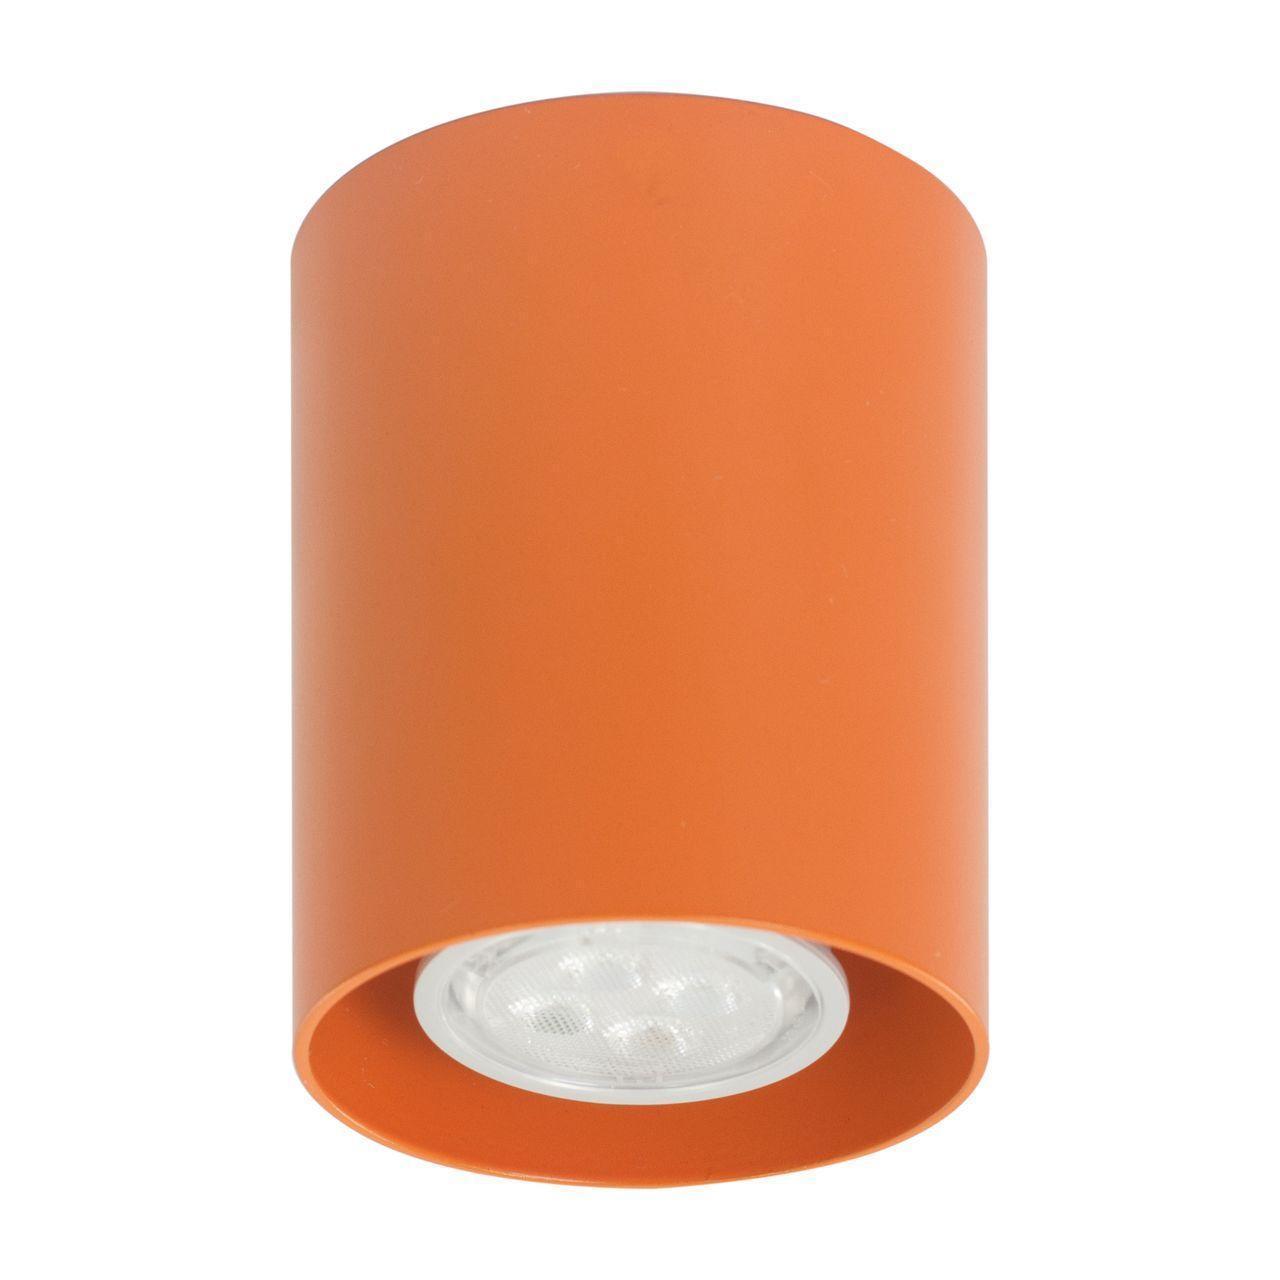 Потолочный светильник АртПром Tubo8 P1 17